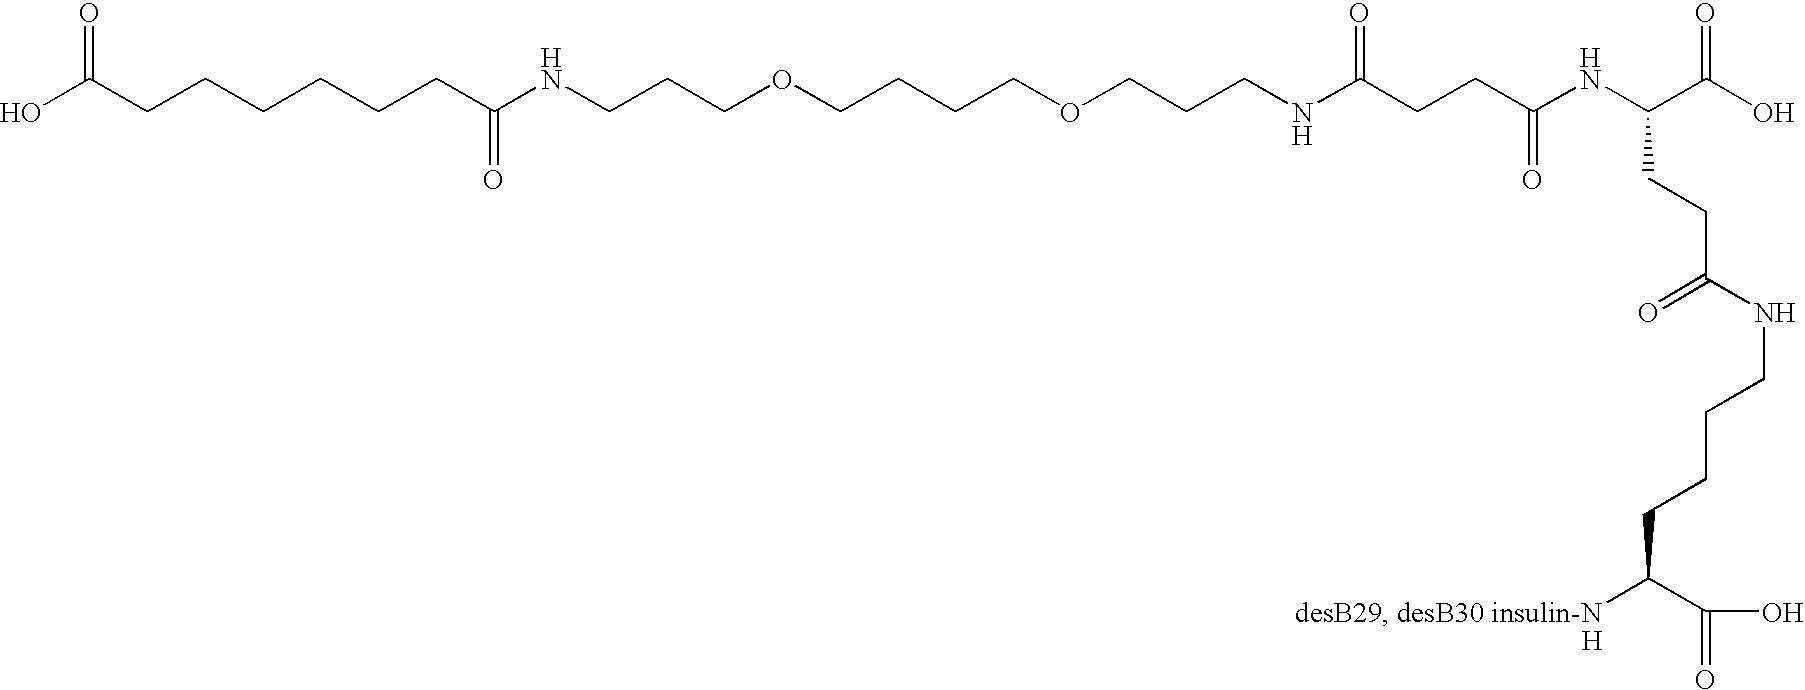 Figure US20100227796A1-20100909-C00033